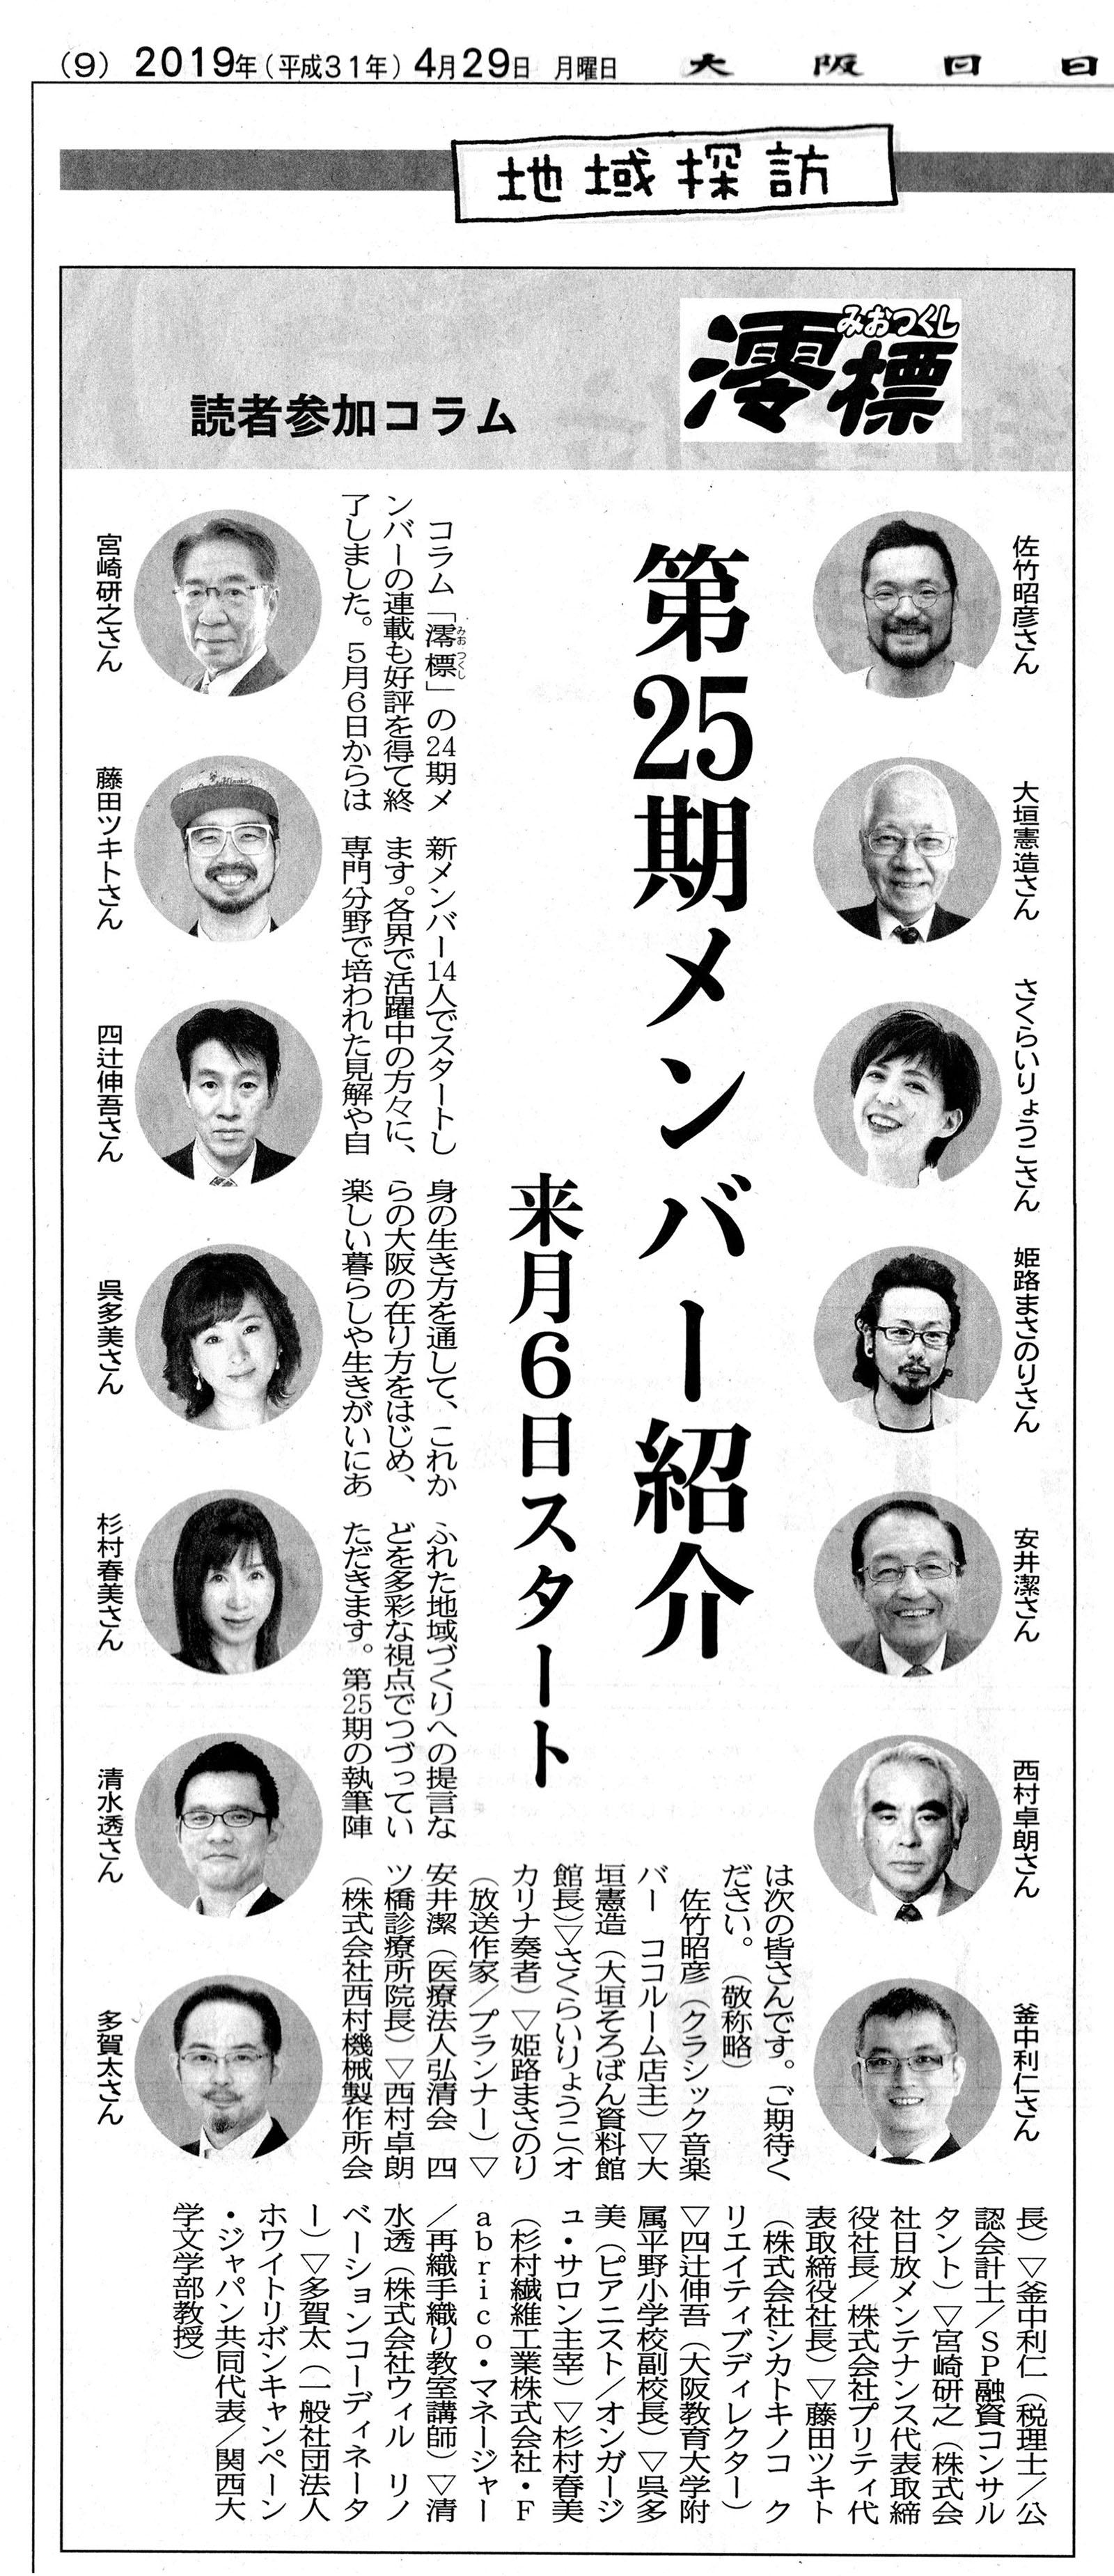 大阪日日新聞「澪標」コラム 第25期メンバー